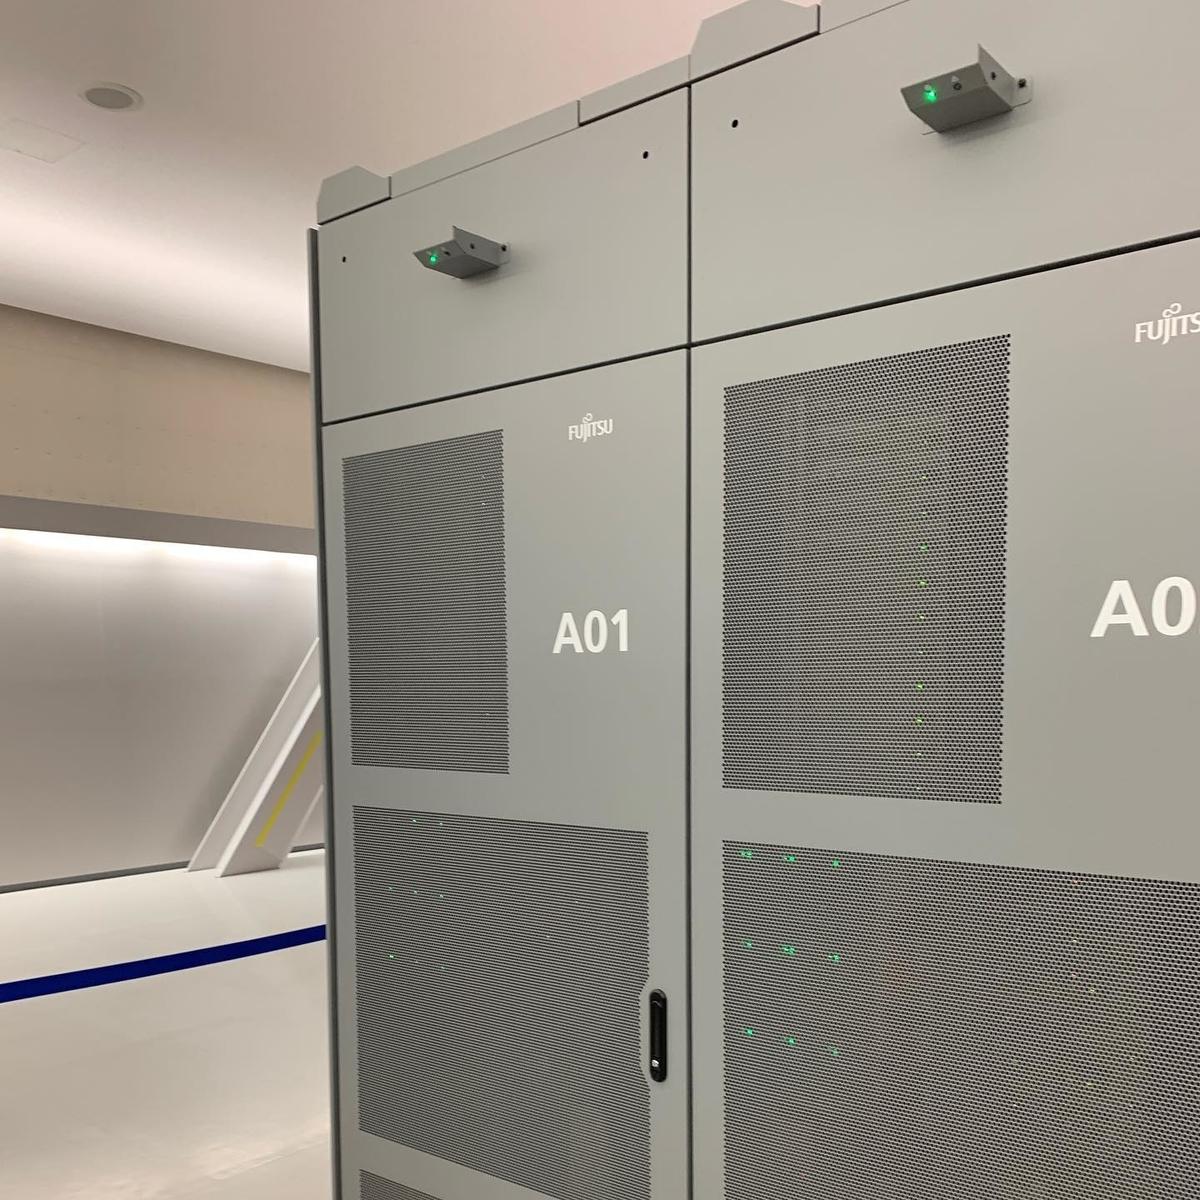 スーパーコンピュータ「京」のユニット